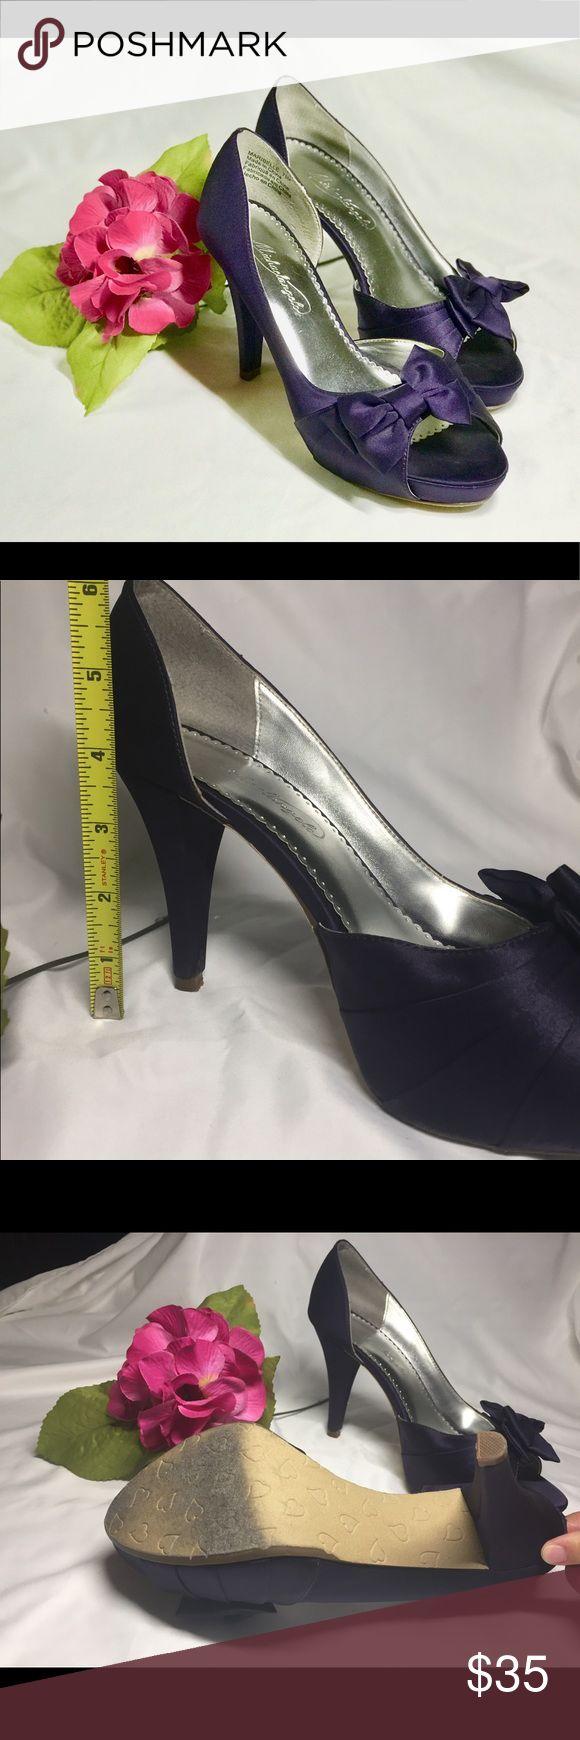 Davids Bridal shoes Beautiful Purple Michaelangelo shoes. Used once. Michaelangelo Shoes Heels